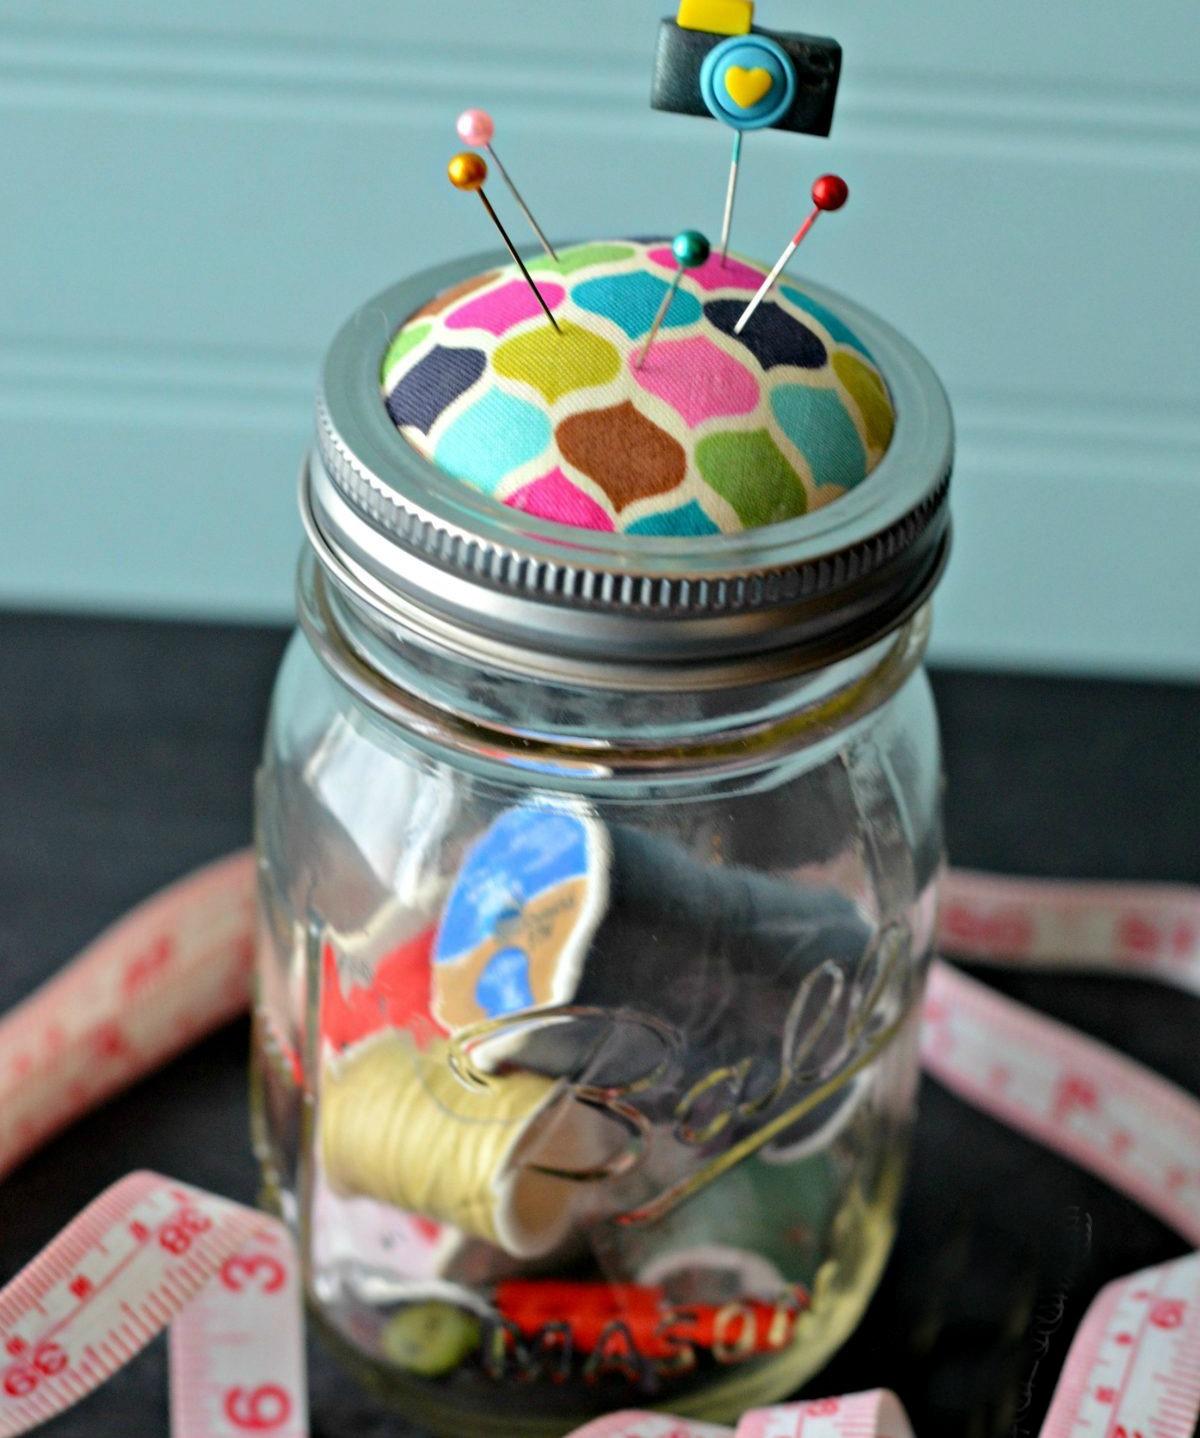 Mason jar with a pin cushion and sewing supplies